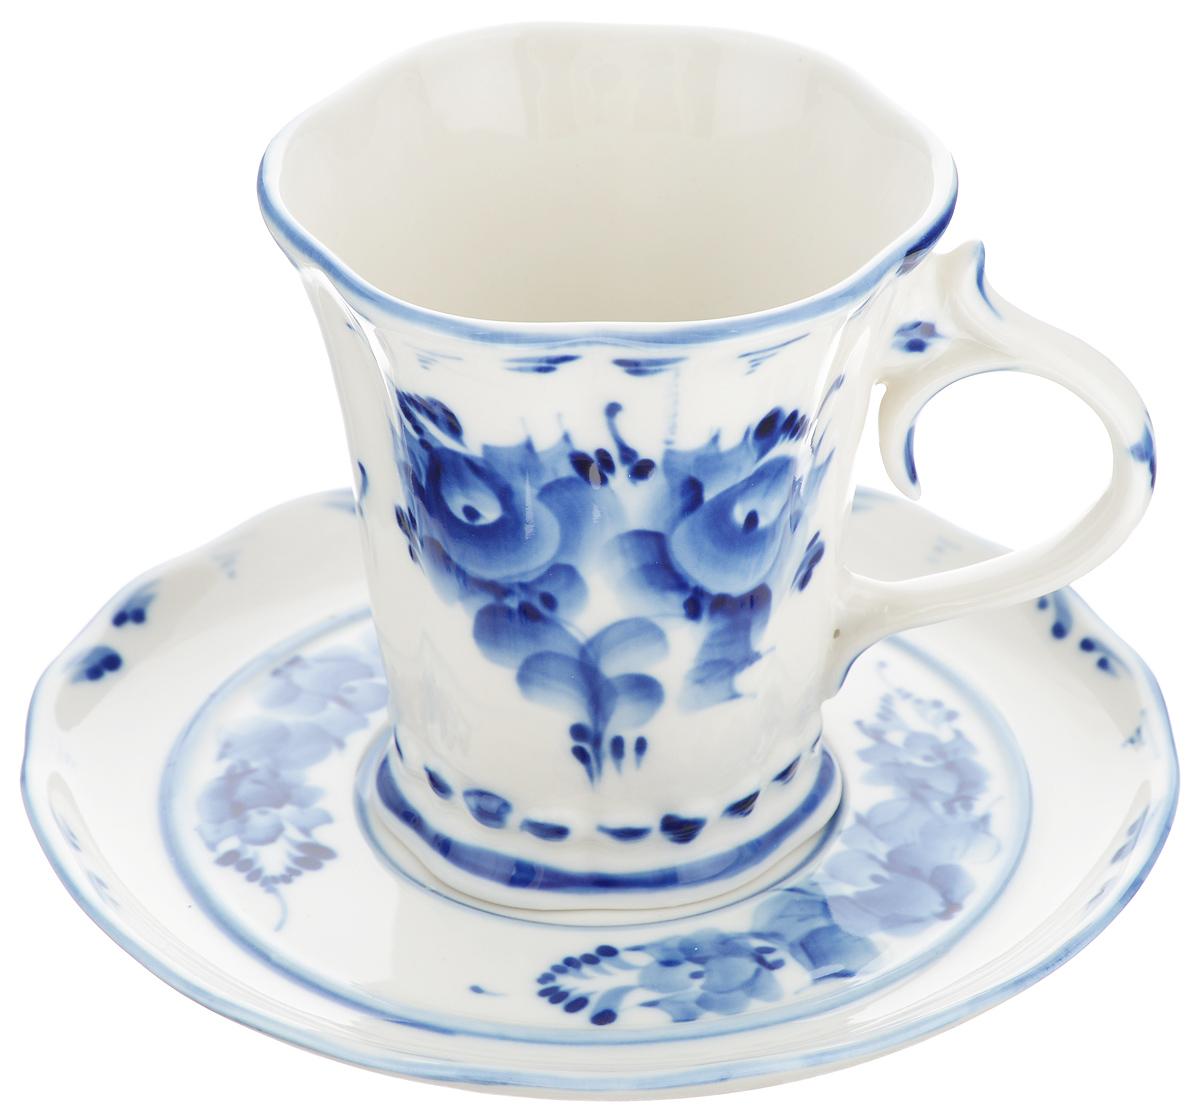 """Чайная пара """"Катерина"""", цвет: белый, синий, 2 предмета. 993010112, Гжельский фарфоровый завод"""